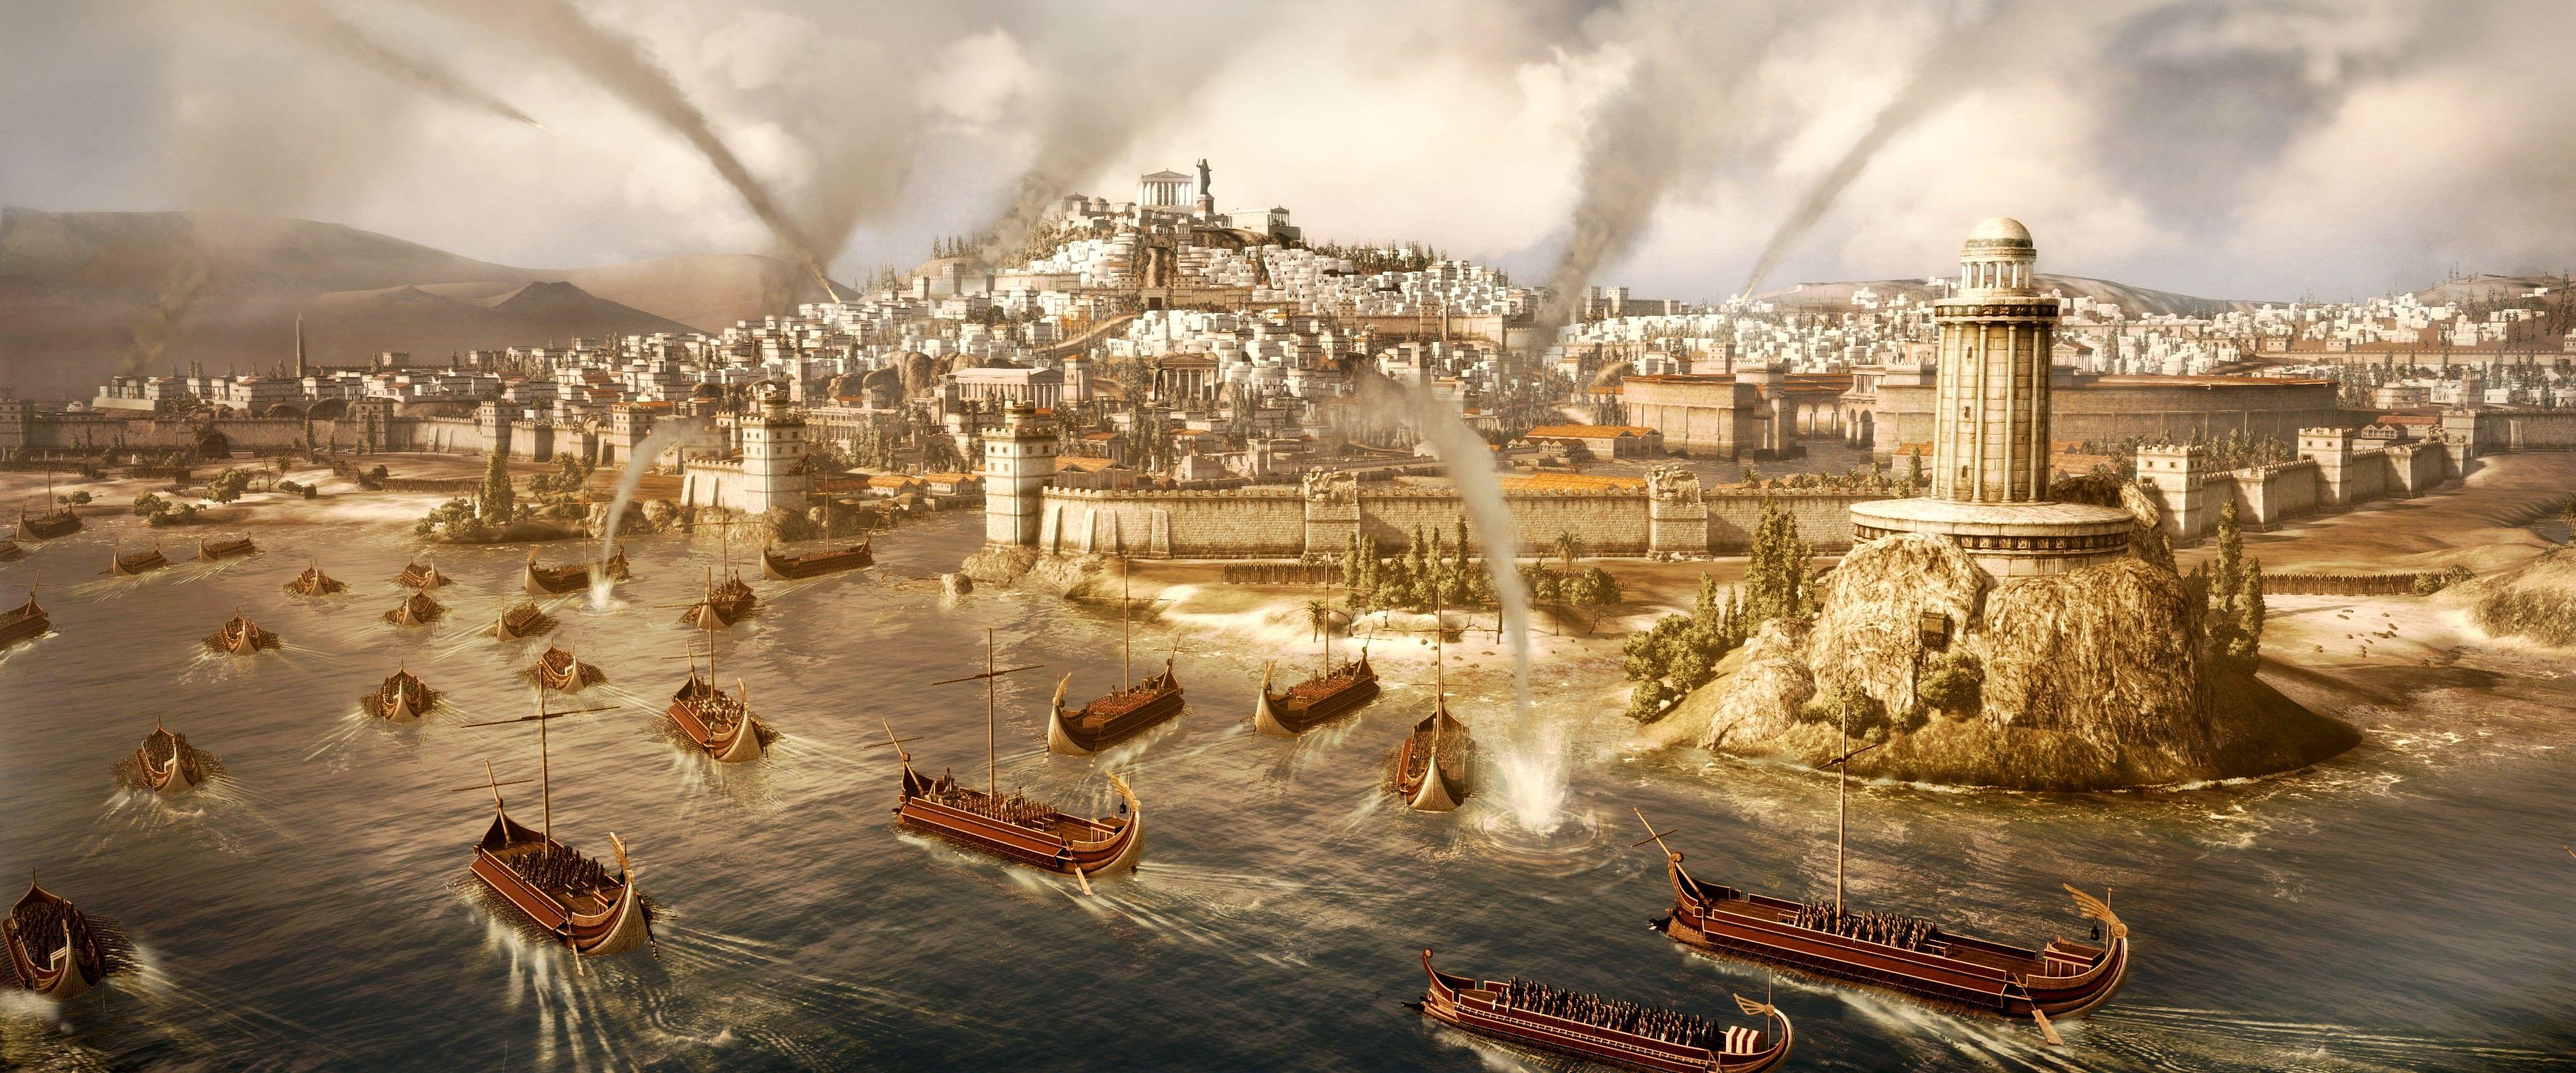 Битва при Каррах. Унизительный разгром римлян